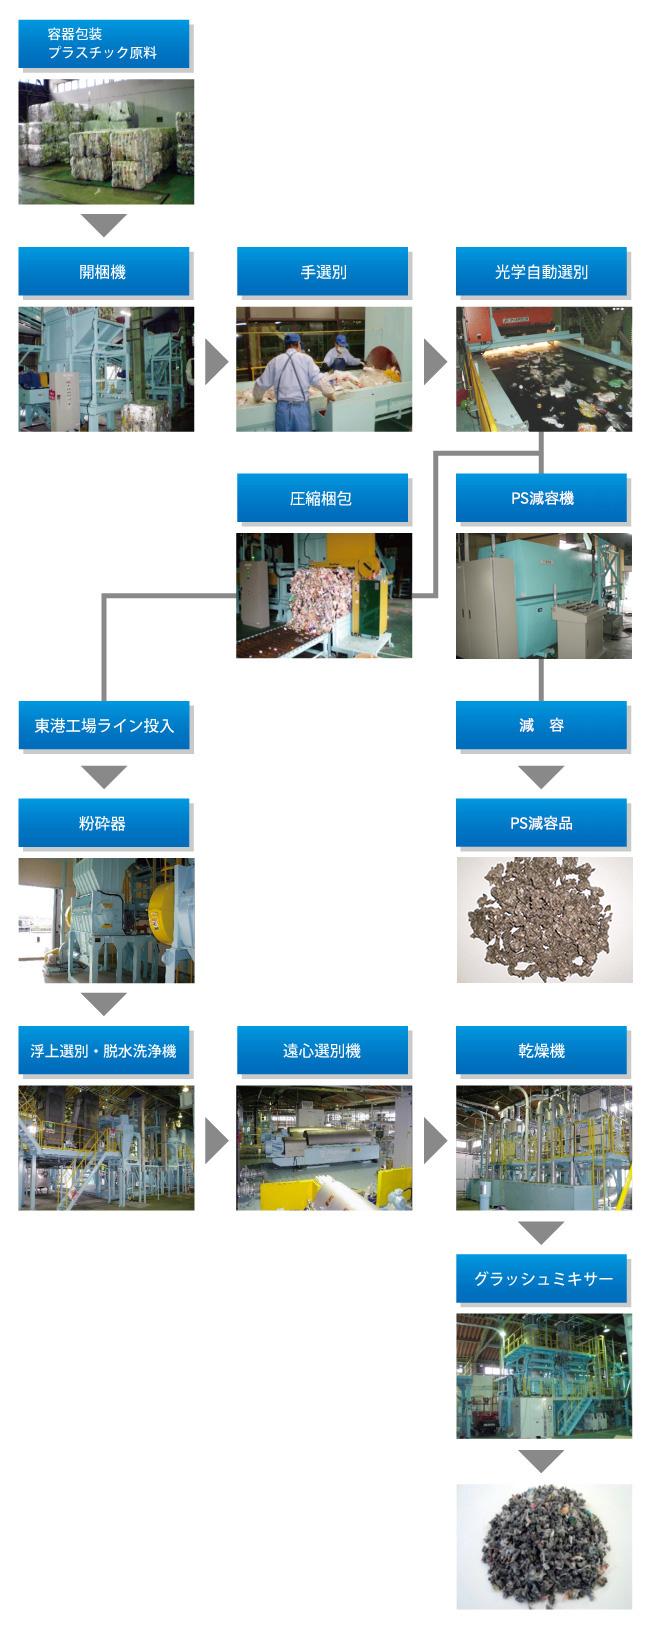 プラスチック製容器包装のリサイクル工程